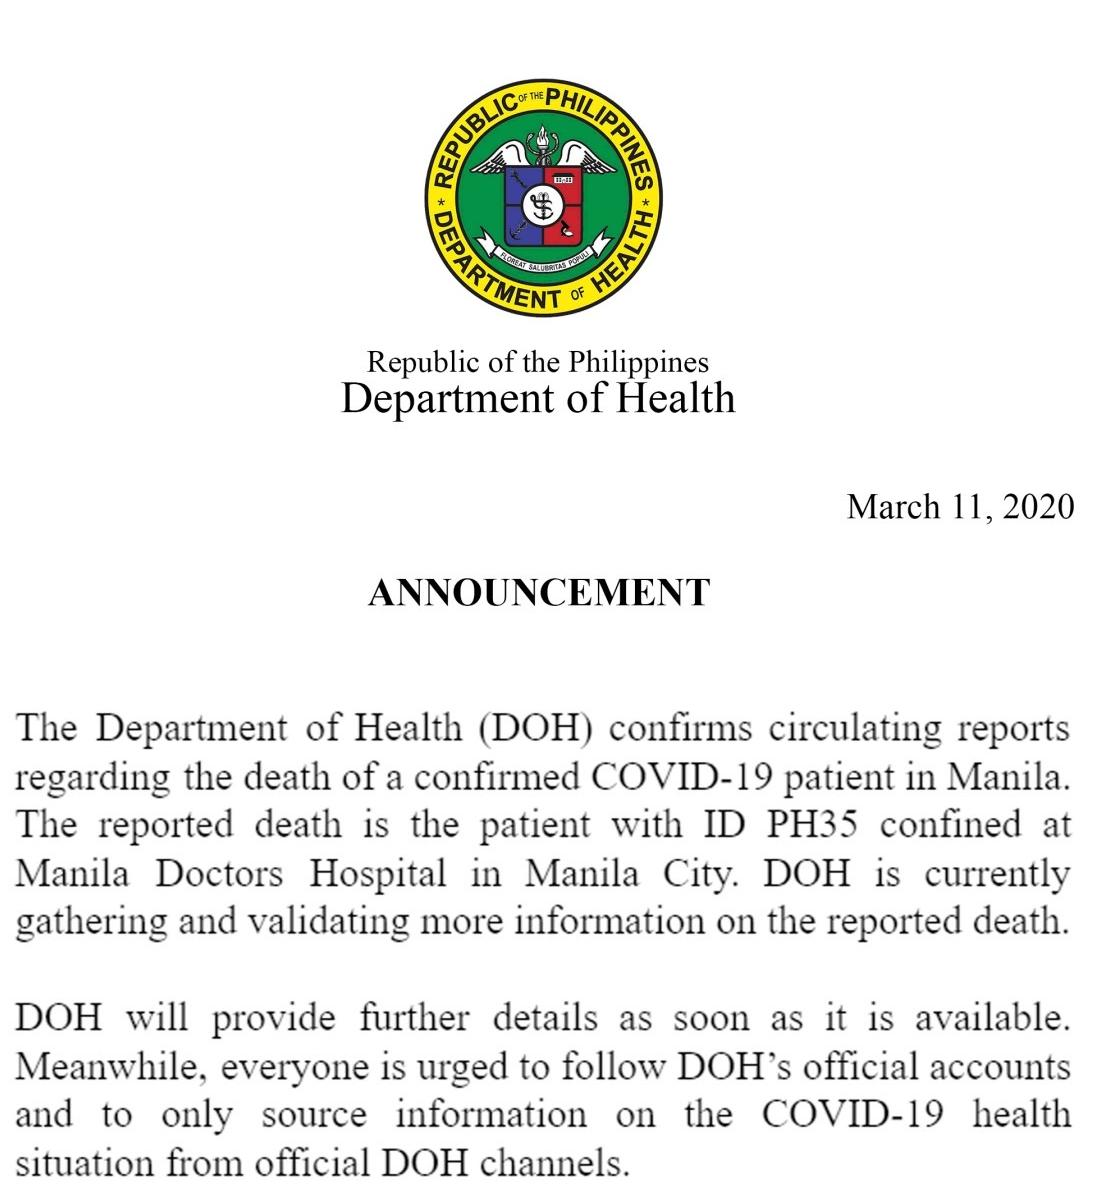 △菲律宾卫生部发布的官方通知(图片来源于菲律宾卫生部)